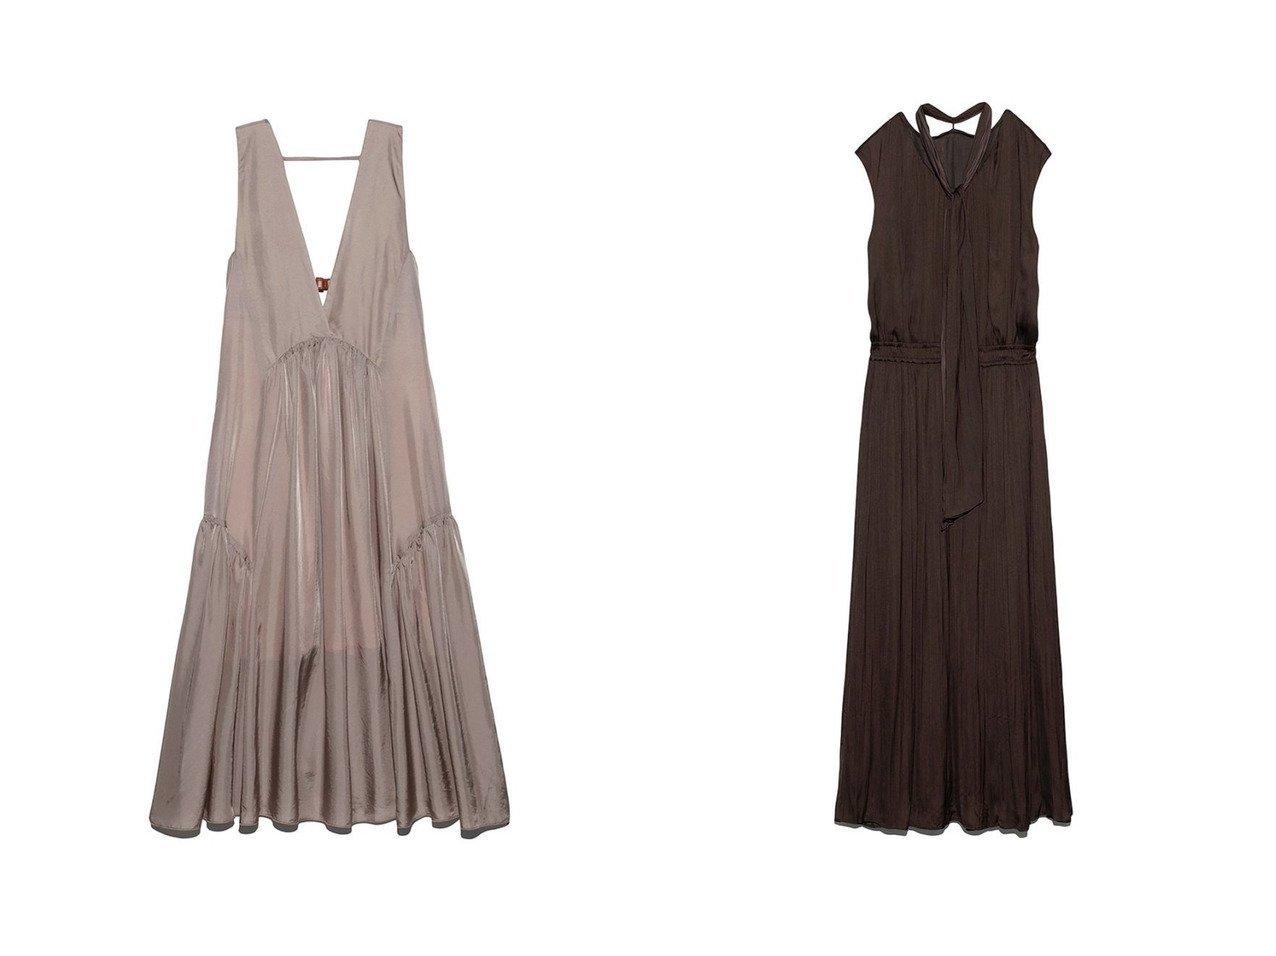 【Mila Owen/ミラオーウェン】の2wayノースリーブワッシャーボウタイワンピース&【FURFUR/ファーファー】のバックベルトノースリーブドレス ワンピース・ドレスのおすすめ!人気、トレンド・レディースファッションの通販 おすすめで人気の流行・トレンド、ファッションの通販商品 メンズファッション・キッズファッション・インテリア・家具・レディースファッション・服の通販 founy(ファニー) https://founy.com/ ファッション Fashion レディースファッション WOMEN トップス Tops Tshirt キャミソール / ノースリーブ No Sleeves ワンピース Dress ドレス Party Dresses バッグ Bag ベルト Belts インナー キュプラ ギャザー ドレス フレア フロント カーディガン 今季 11月号 シャーリング ノースリーブ フィット プリント リボン ワッシャー |ID:crp329100000011519